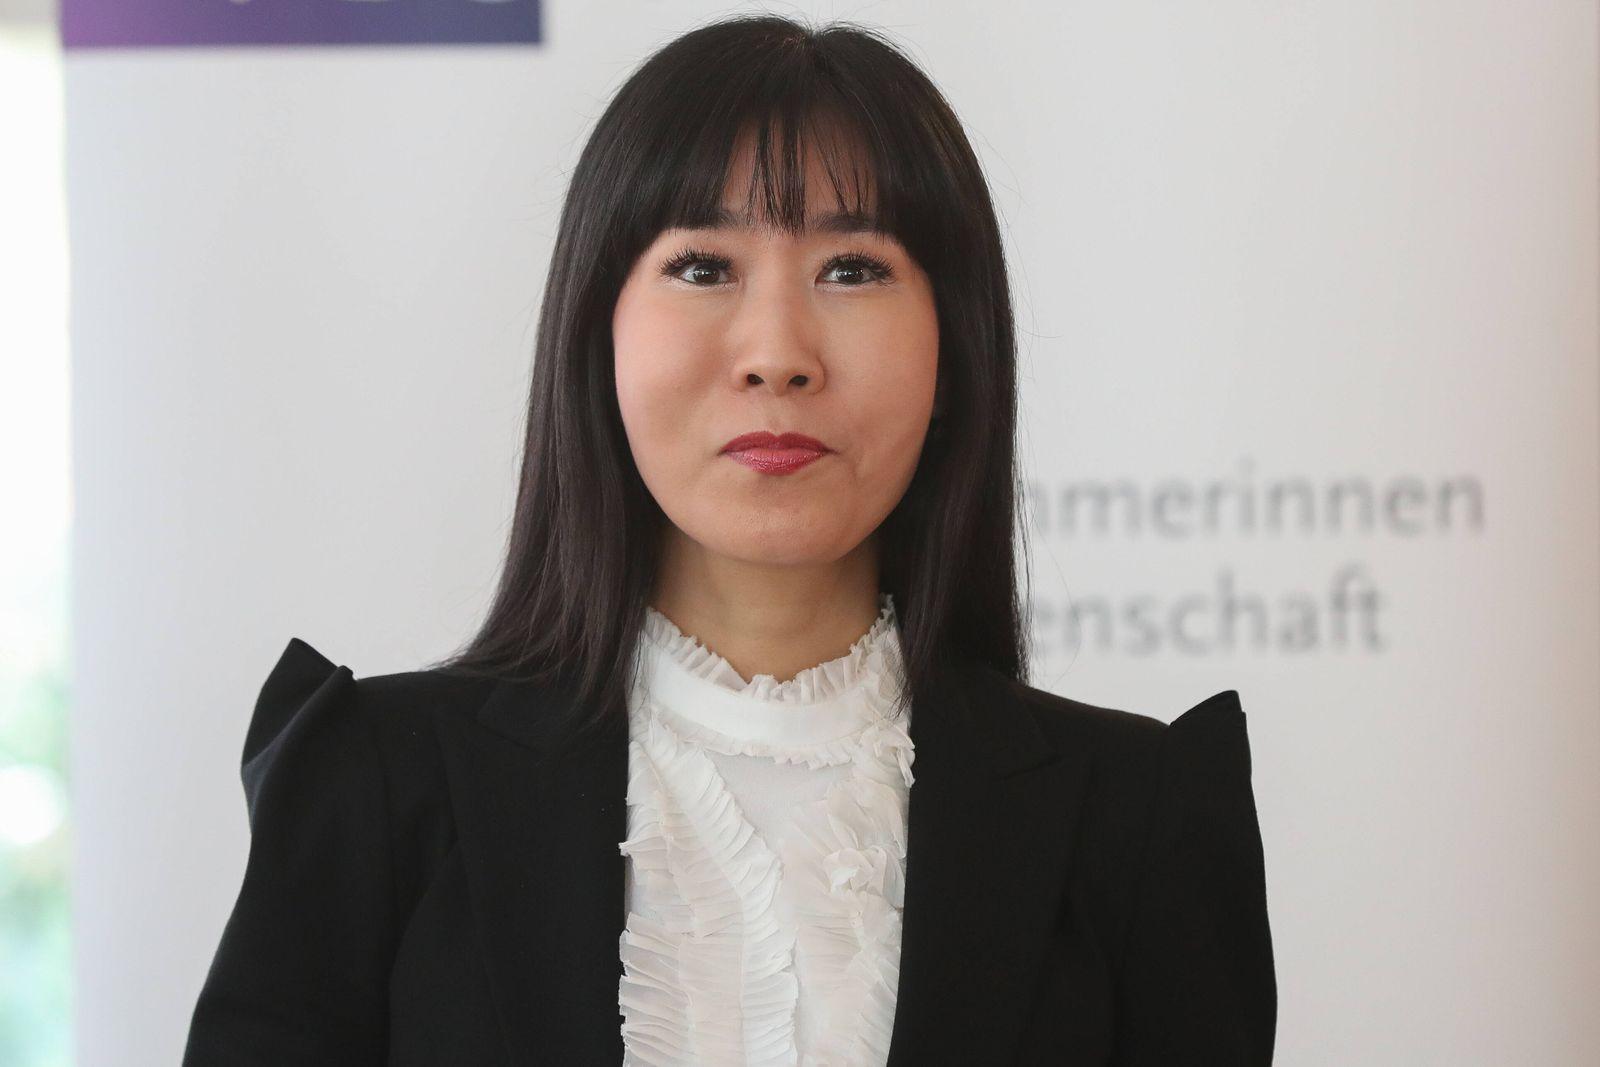 Hannover, 12.02.2020, VDU-Soyeon Schröder-Kim hält einen Vortrag zum Thema Deutschland und Korea - Partner für eine inn